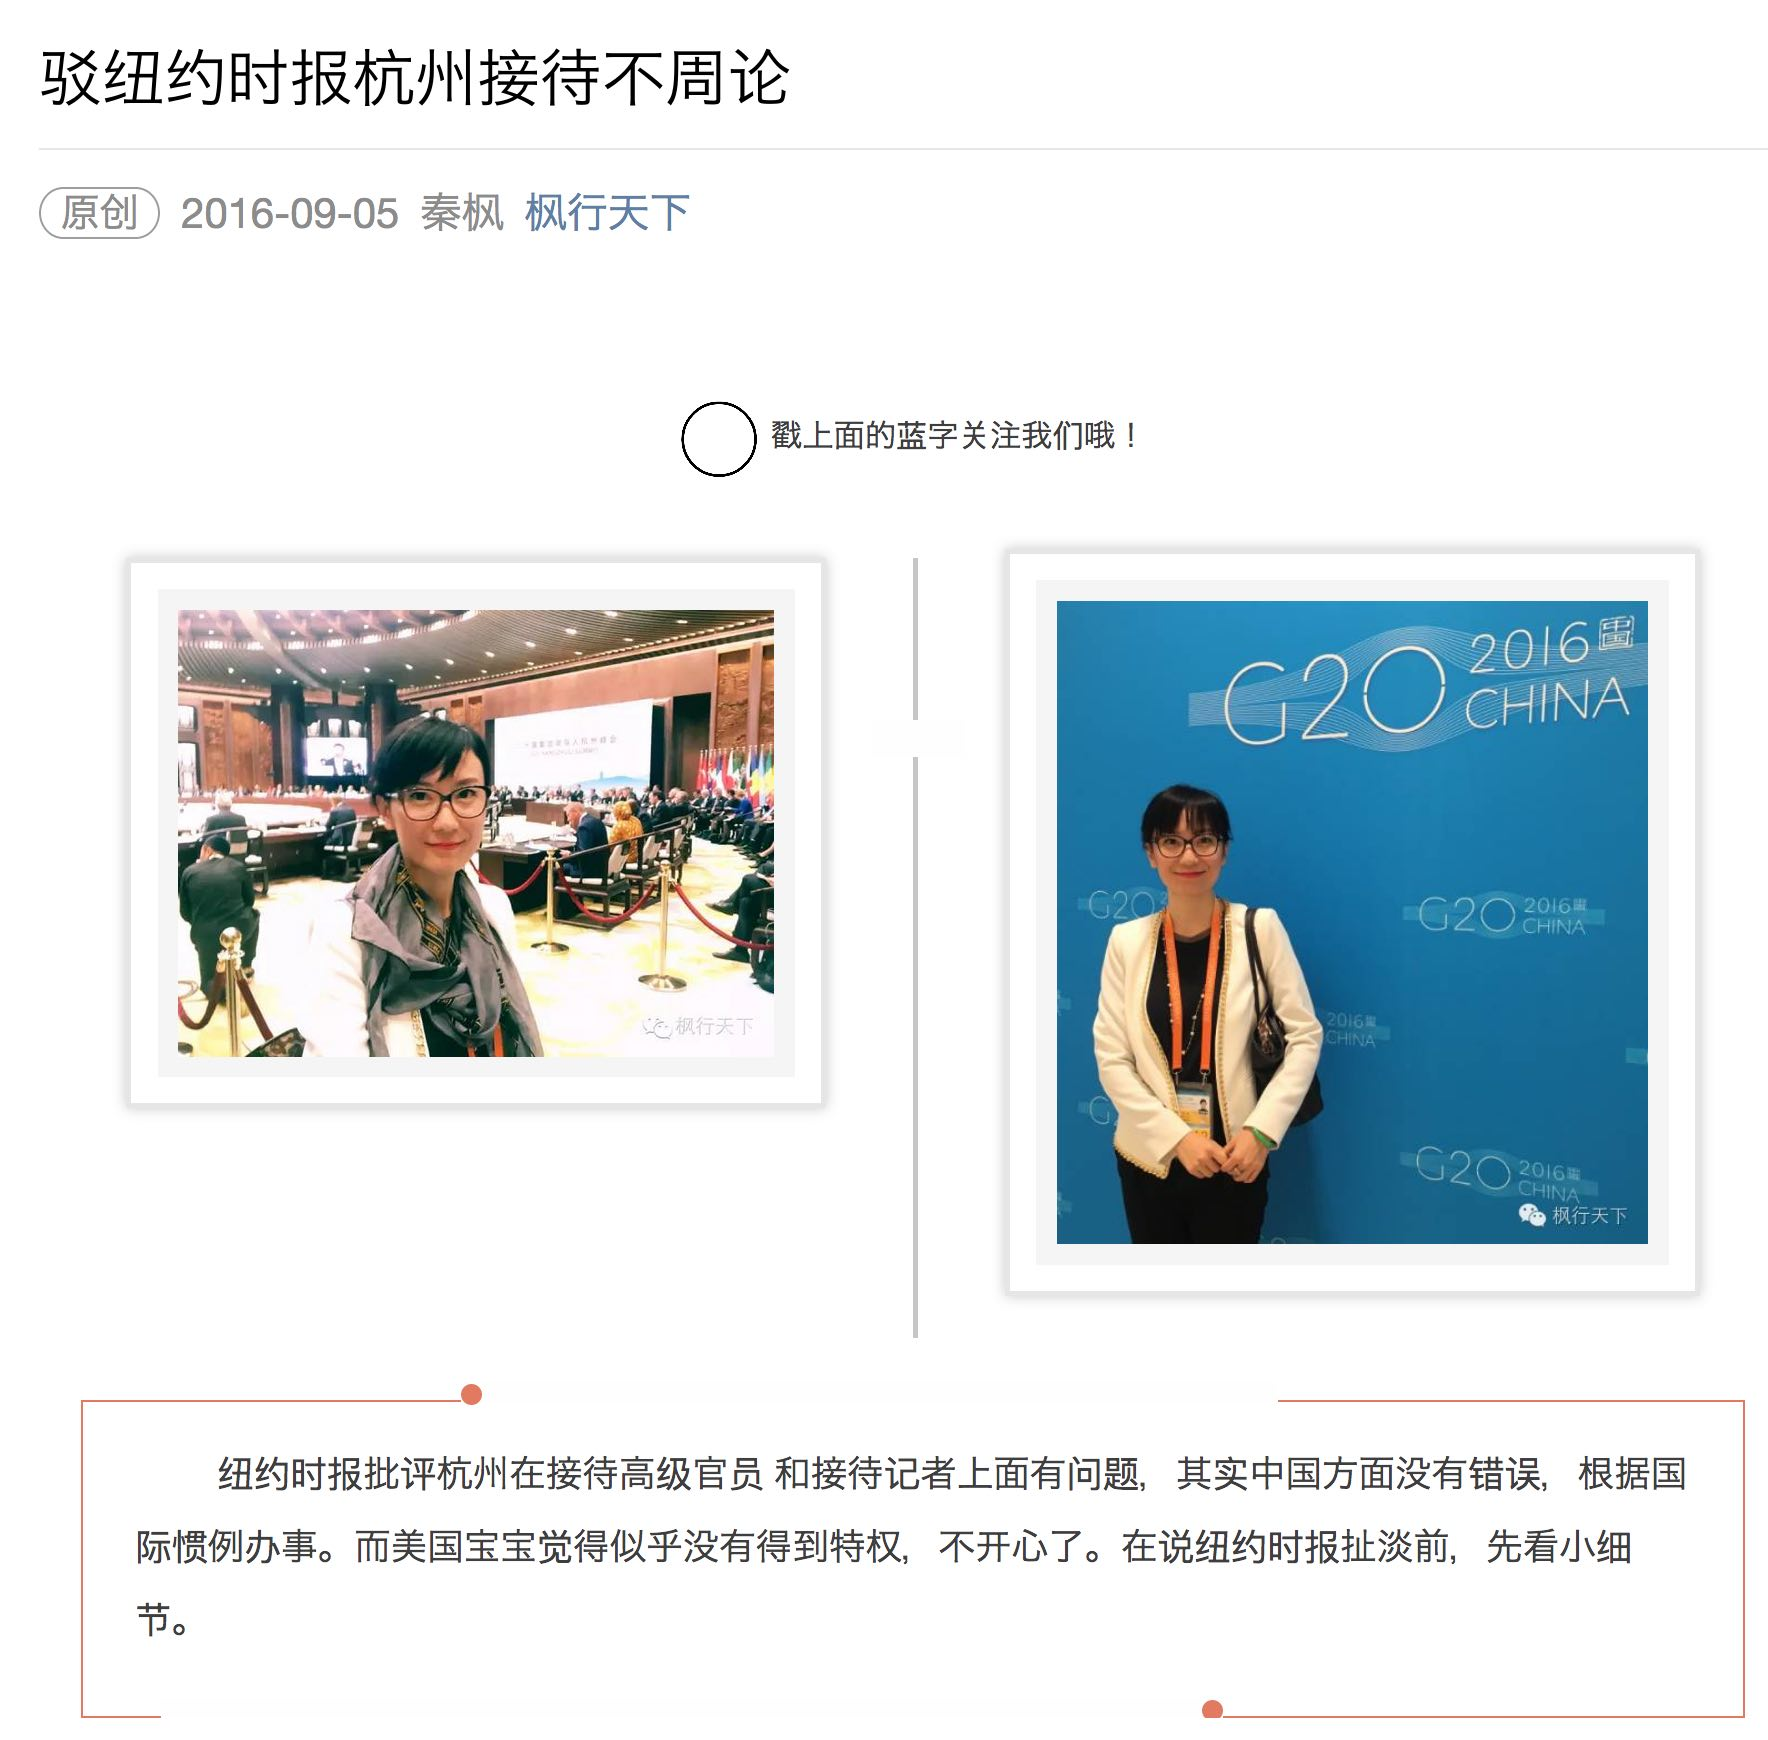 """【弄个大新闻】香港记者""""驳纽约时报杭州接待不周论""""细节考"""